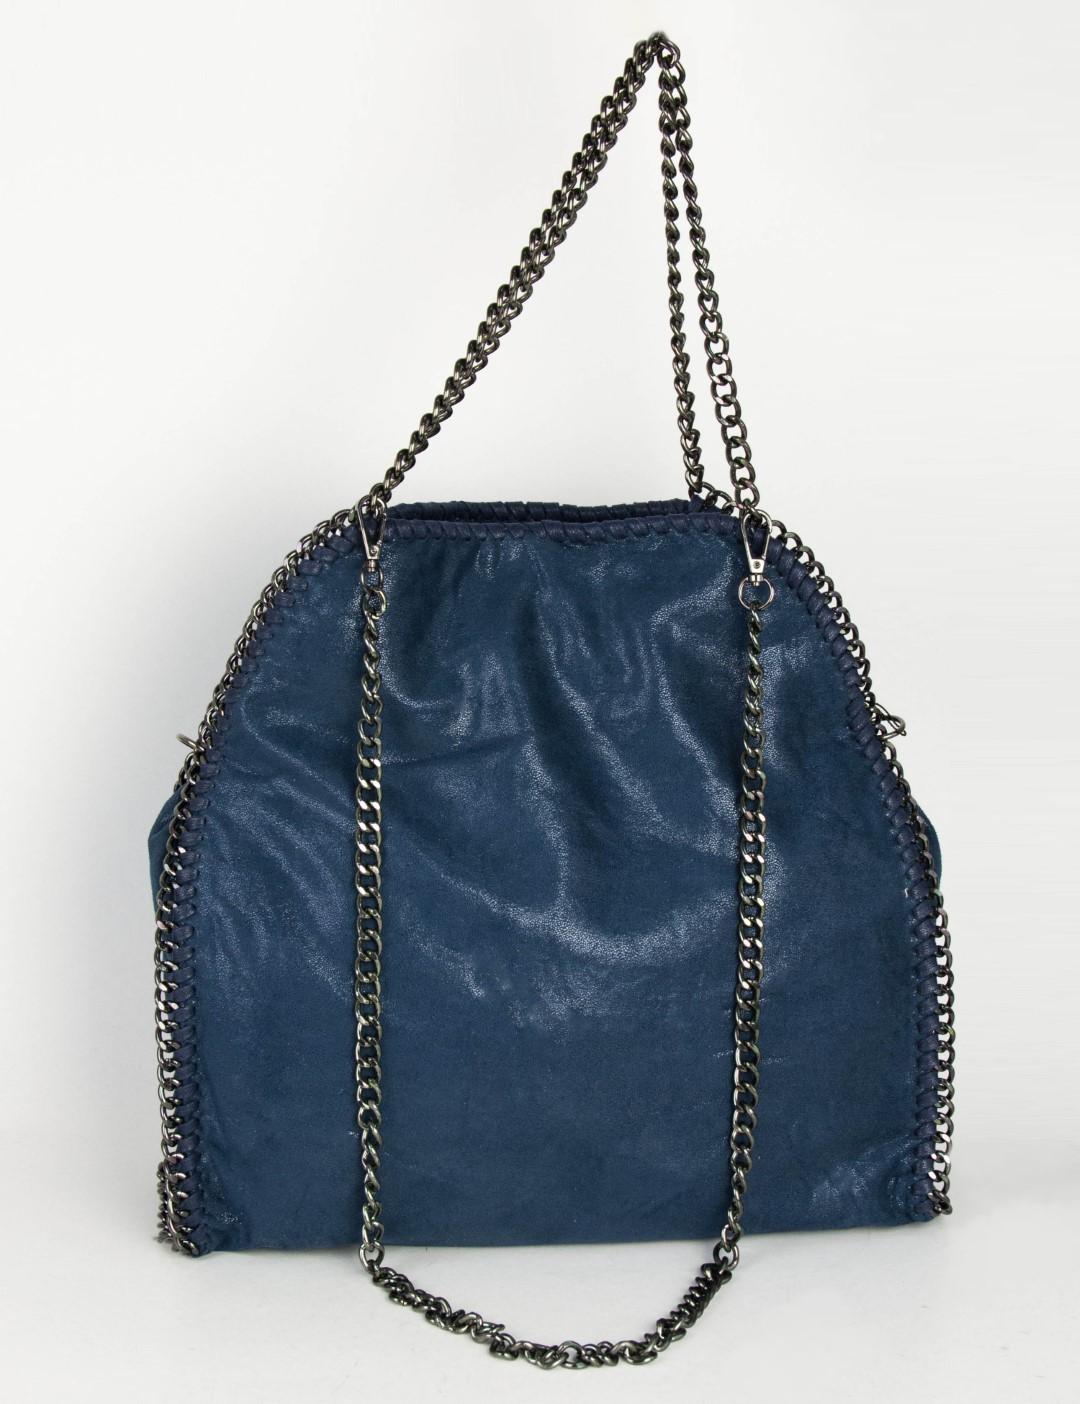 015f84510c Γυναικεία μπλε μονόχρωμη τσάντα ώμου γυαλάδα δερματίνη 9686